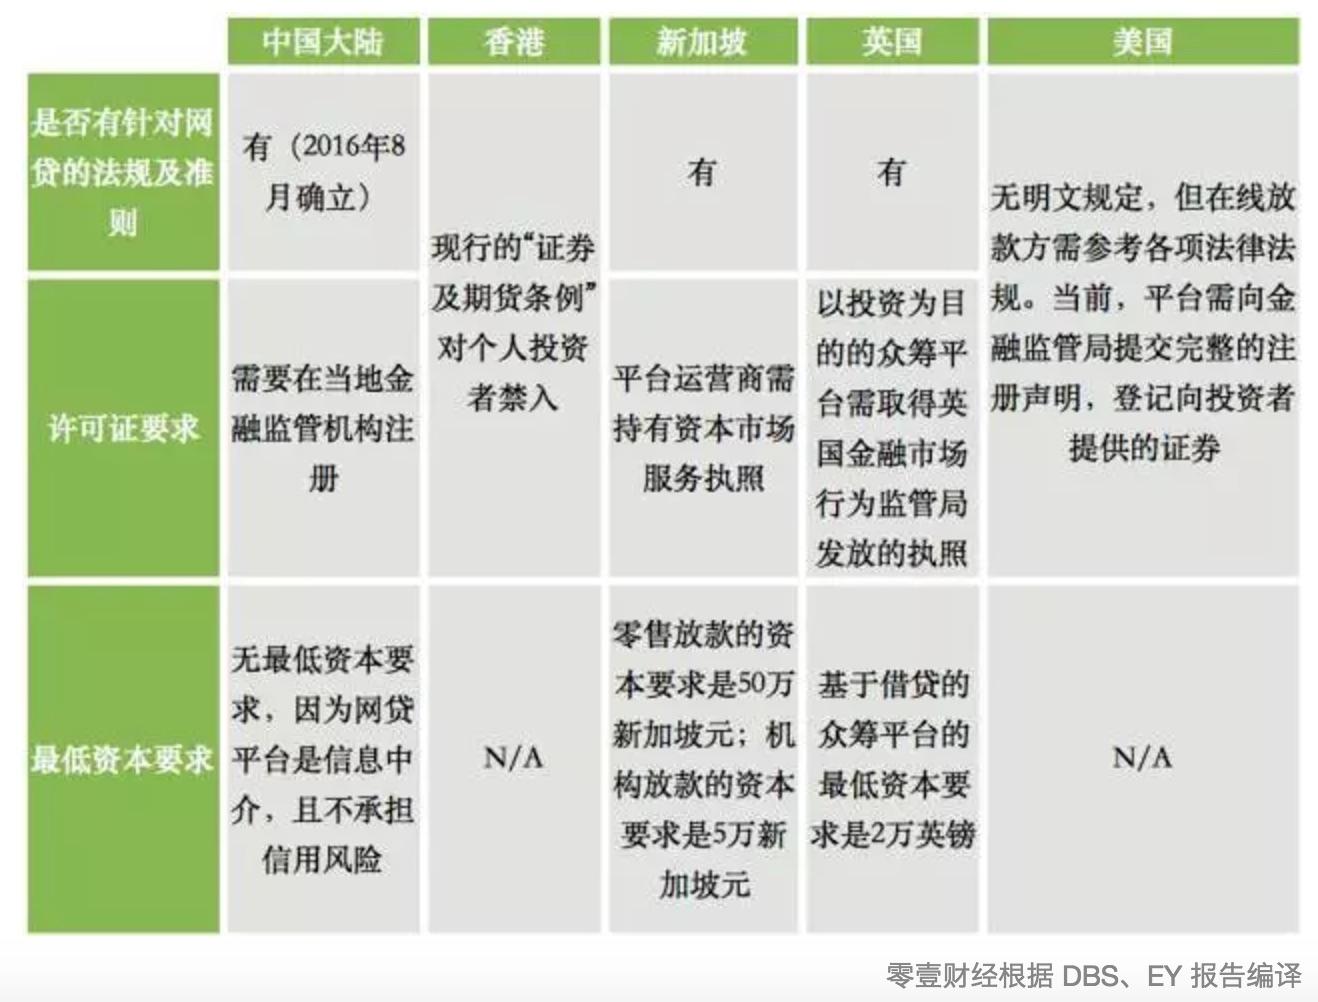 安永、星展银行:中国已成为全球金融科技中心